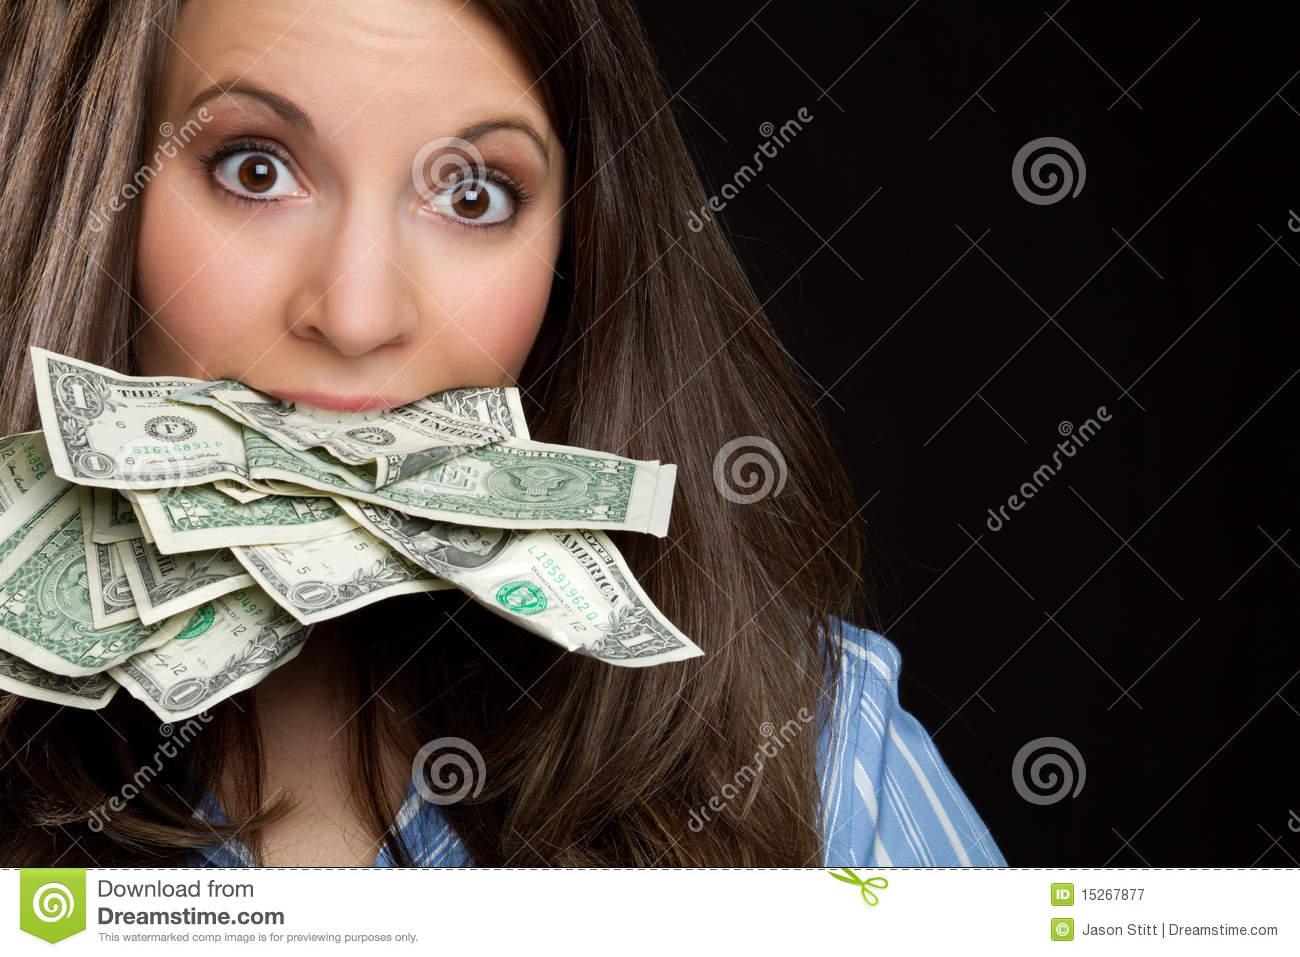 Сколько люди зарабатывают на форексе